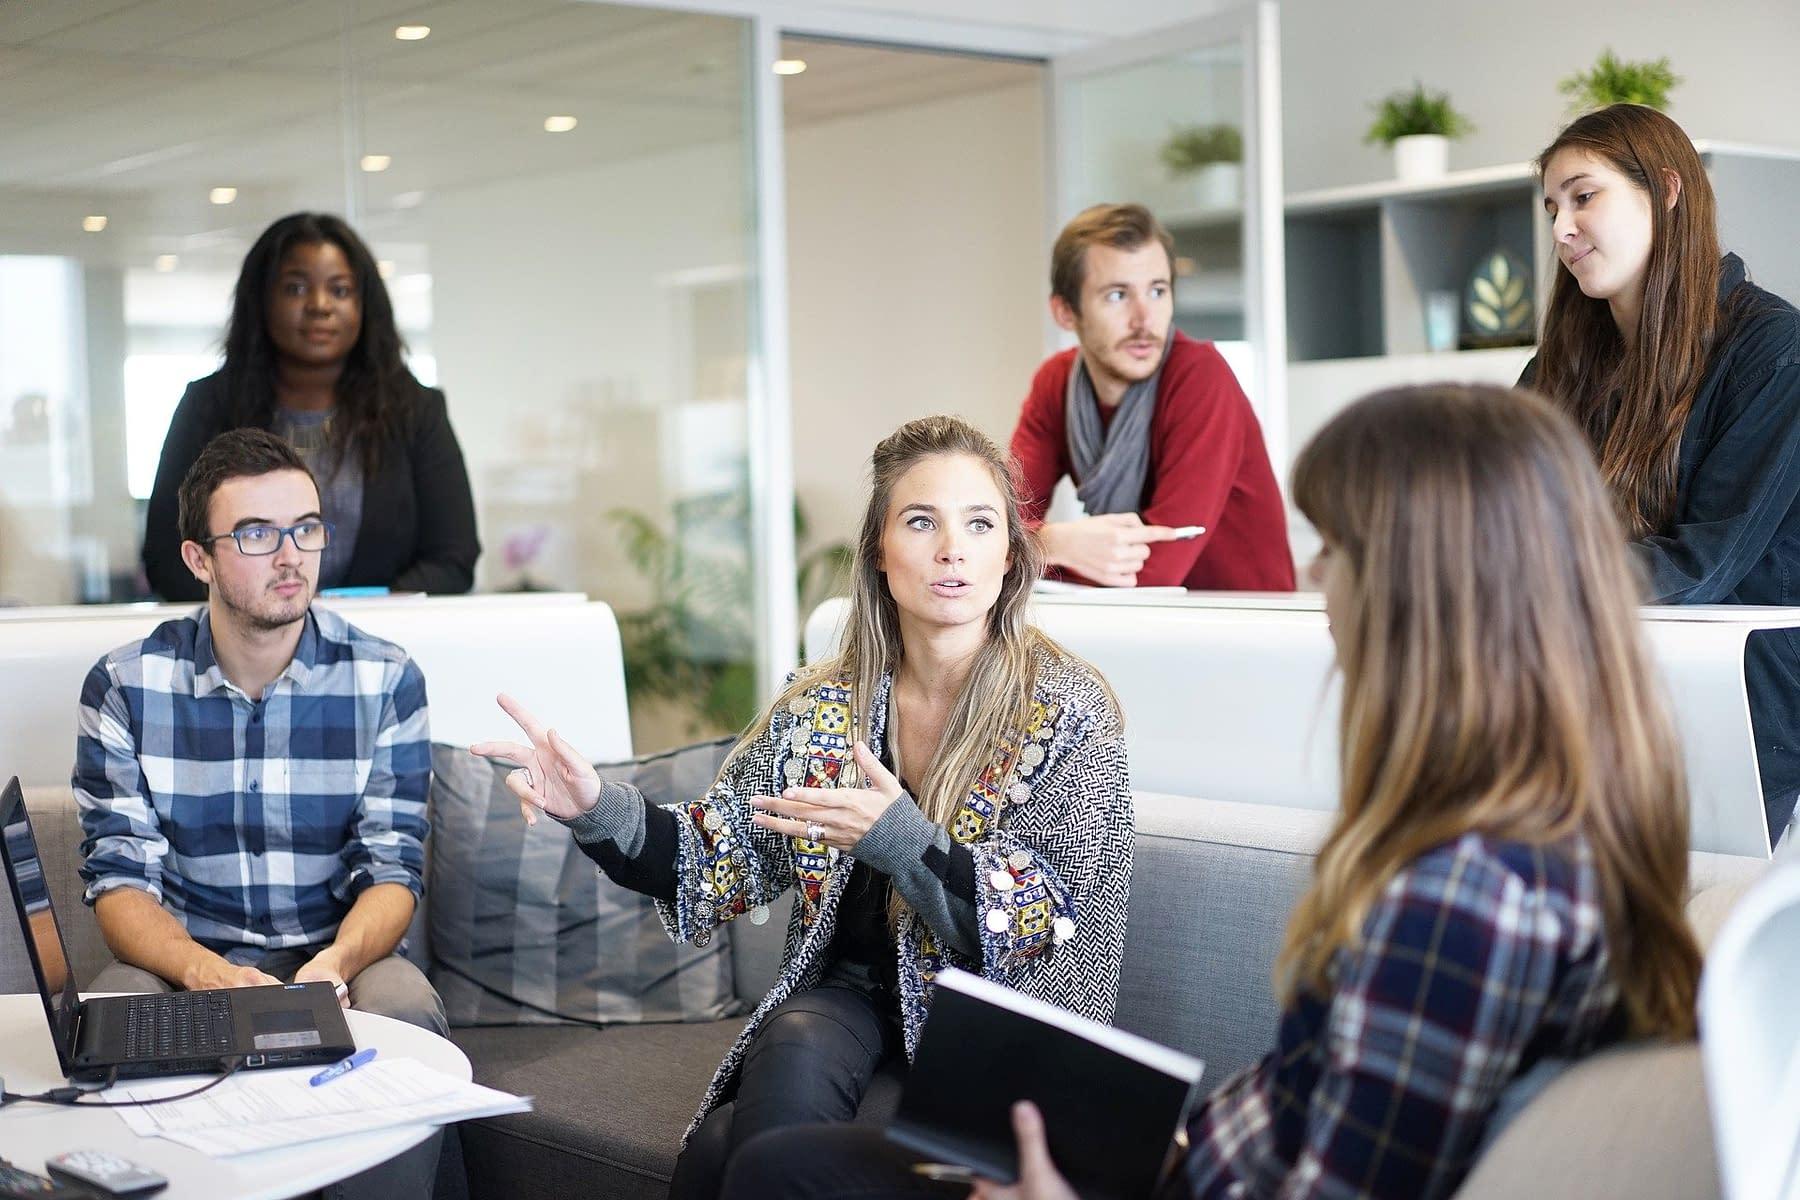 une équipe de jeunes travailleurs discutant des idées d'affaires